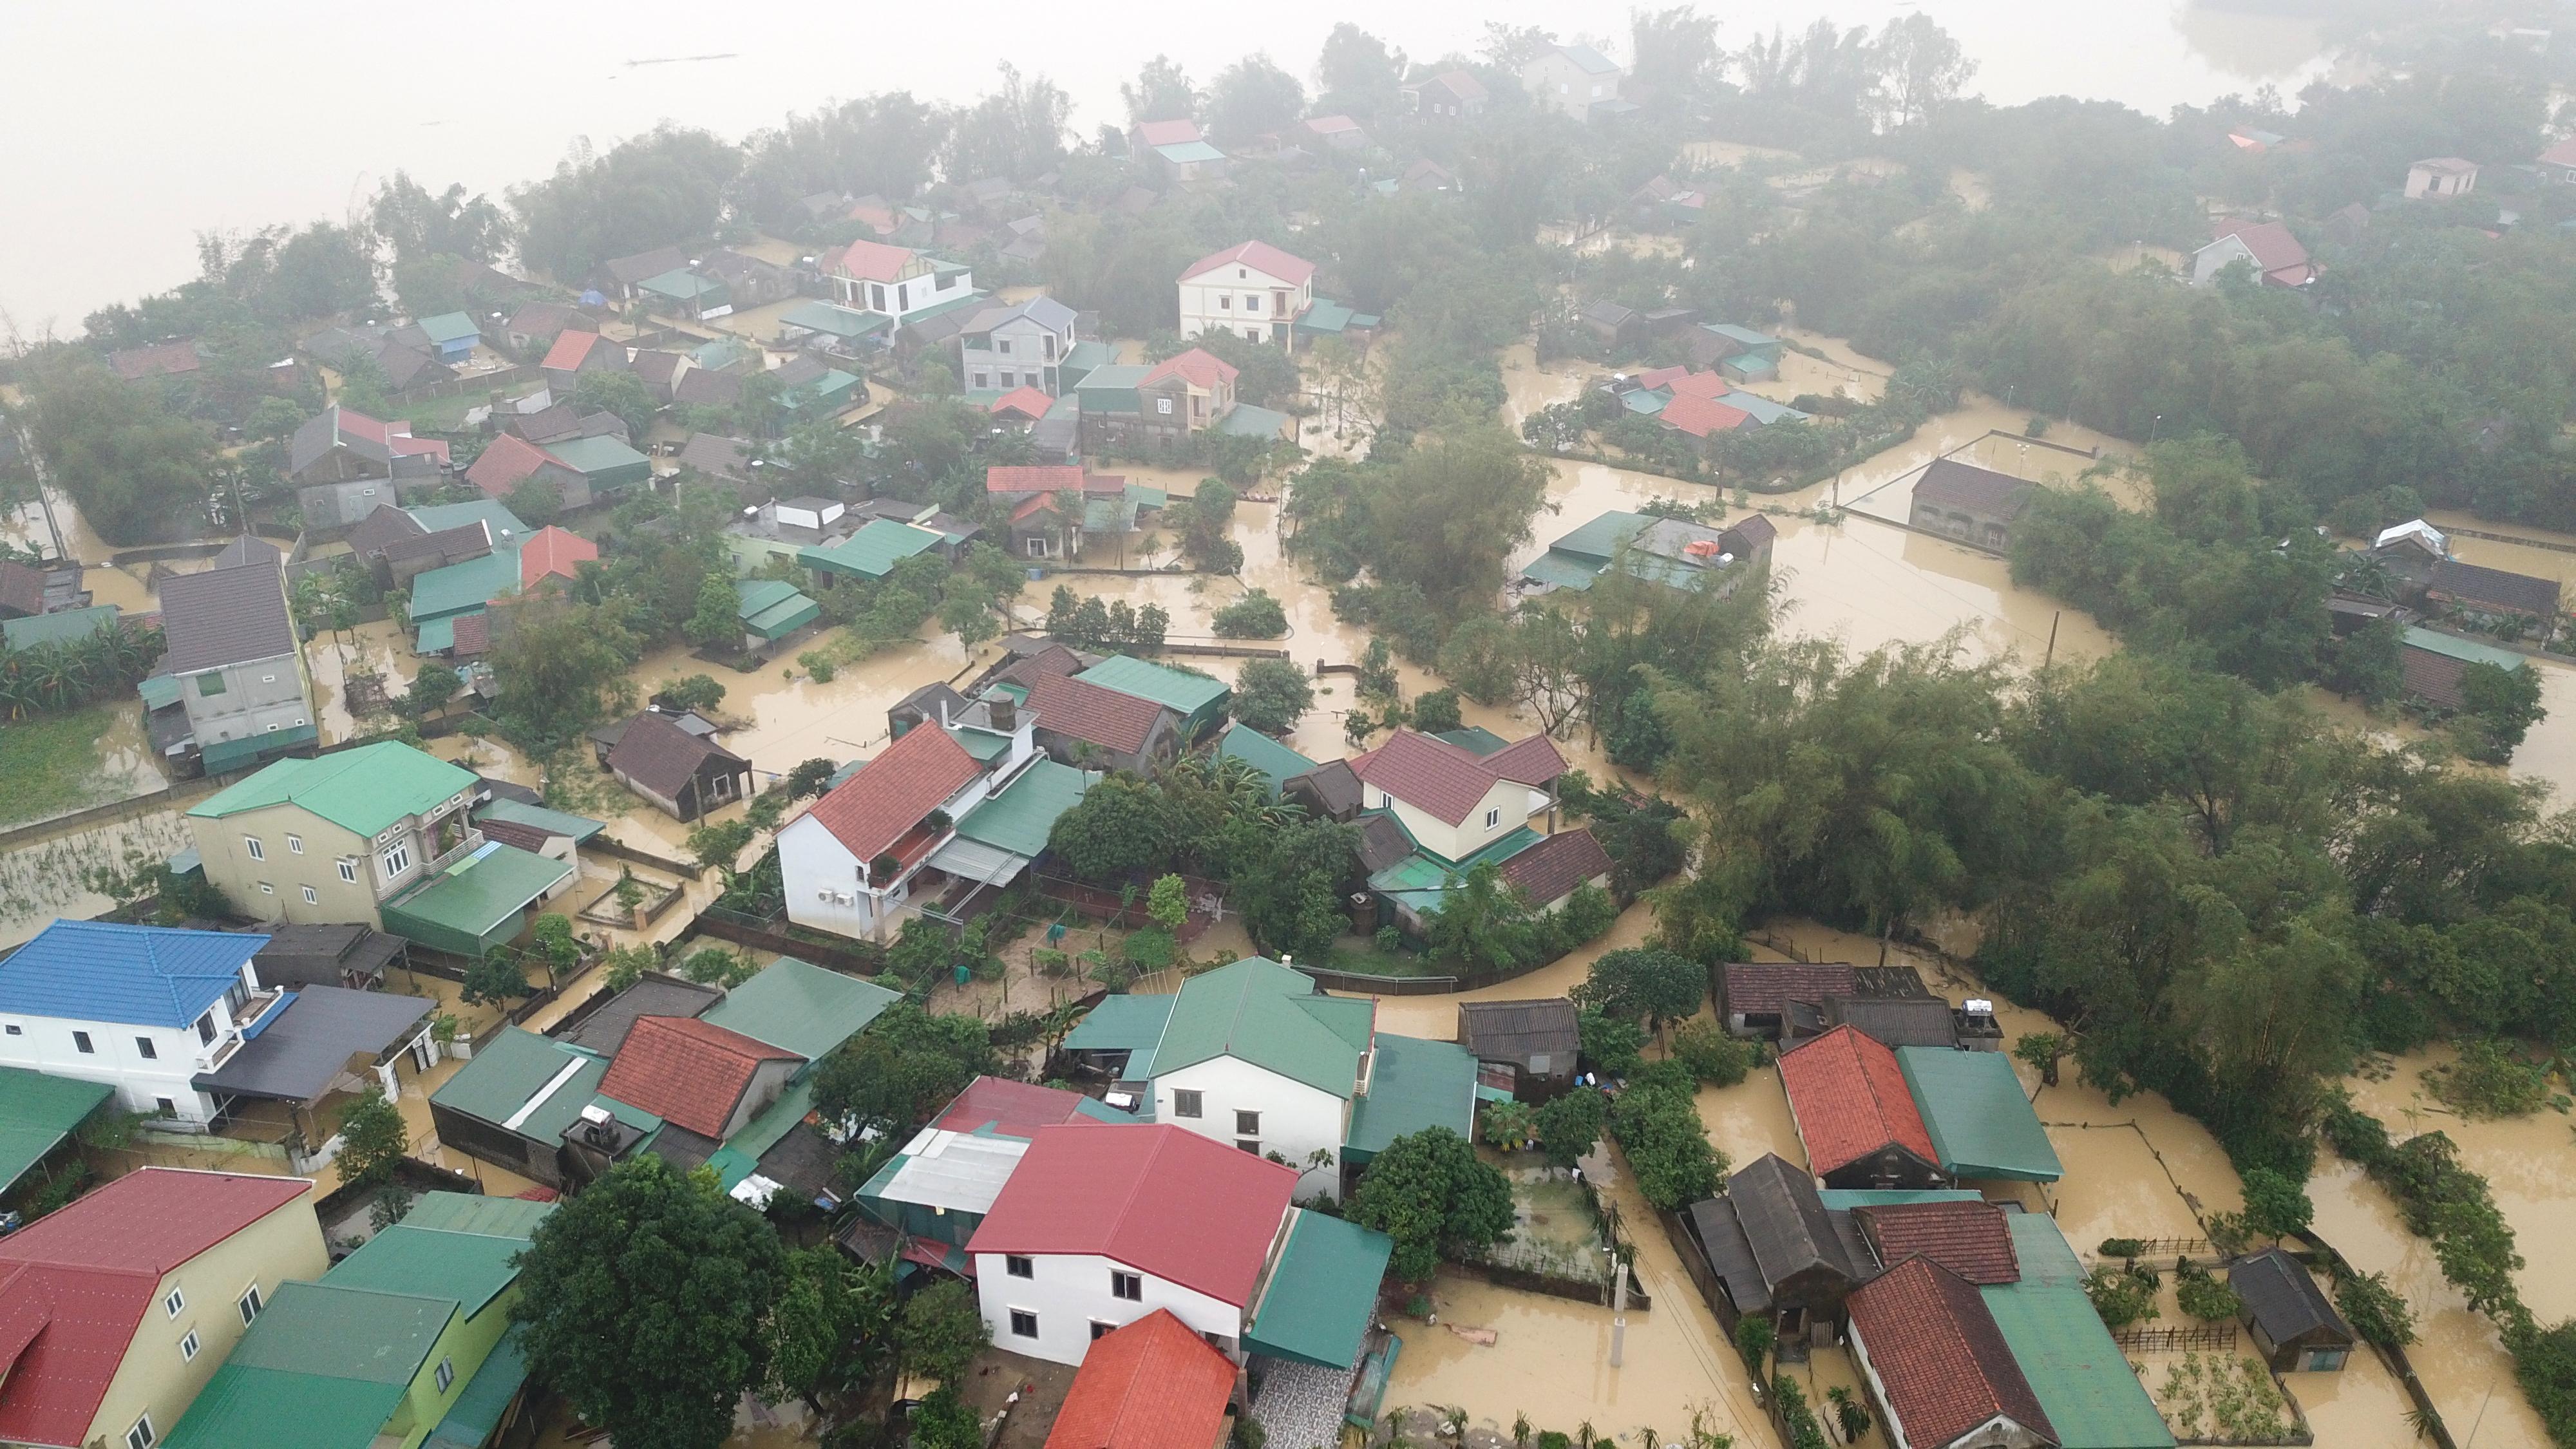 Nghệ An: Người dân ven sông phải lên đê dựng lều cho trâu bò trú ẩn - Ảnh 1.